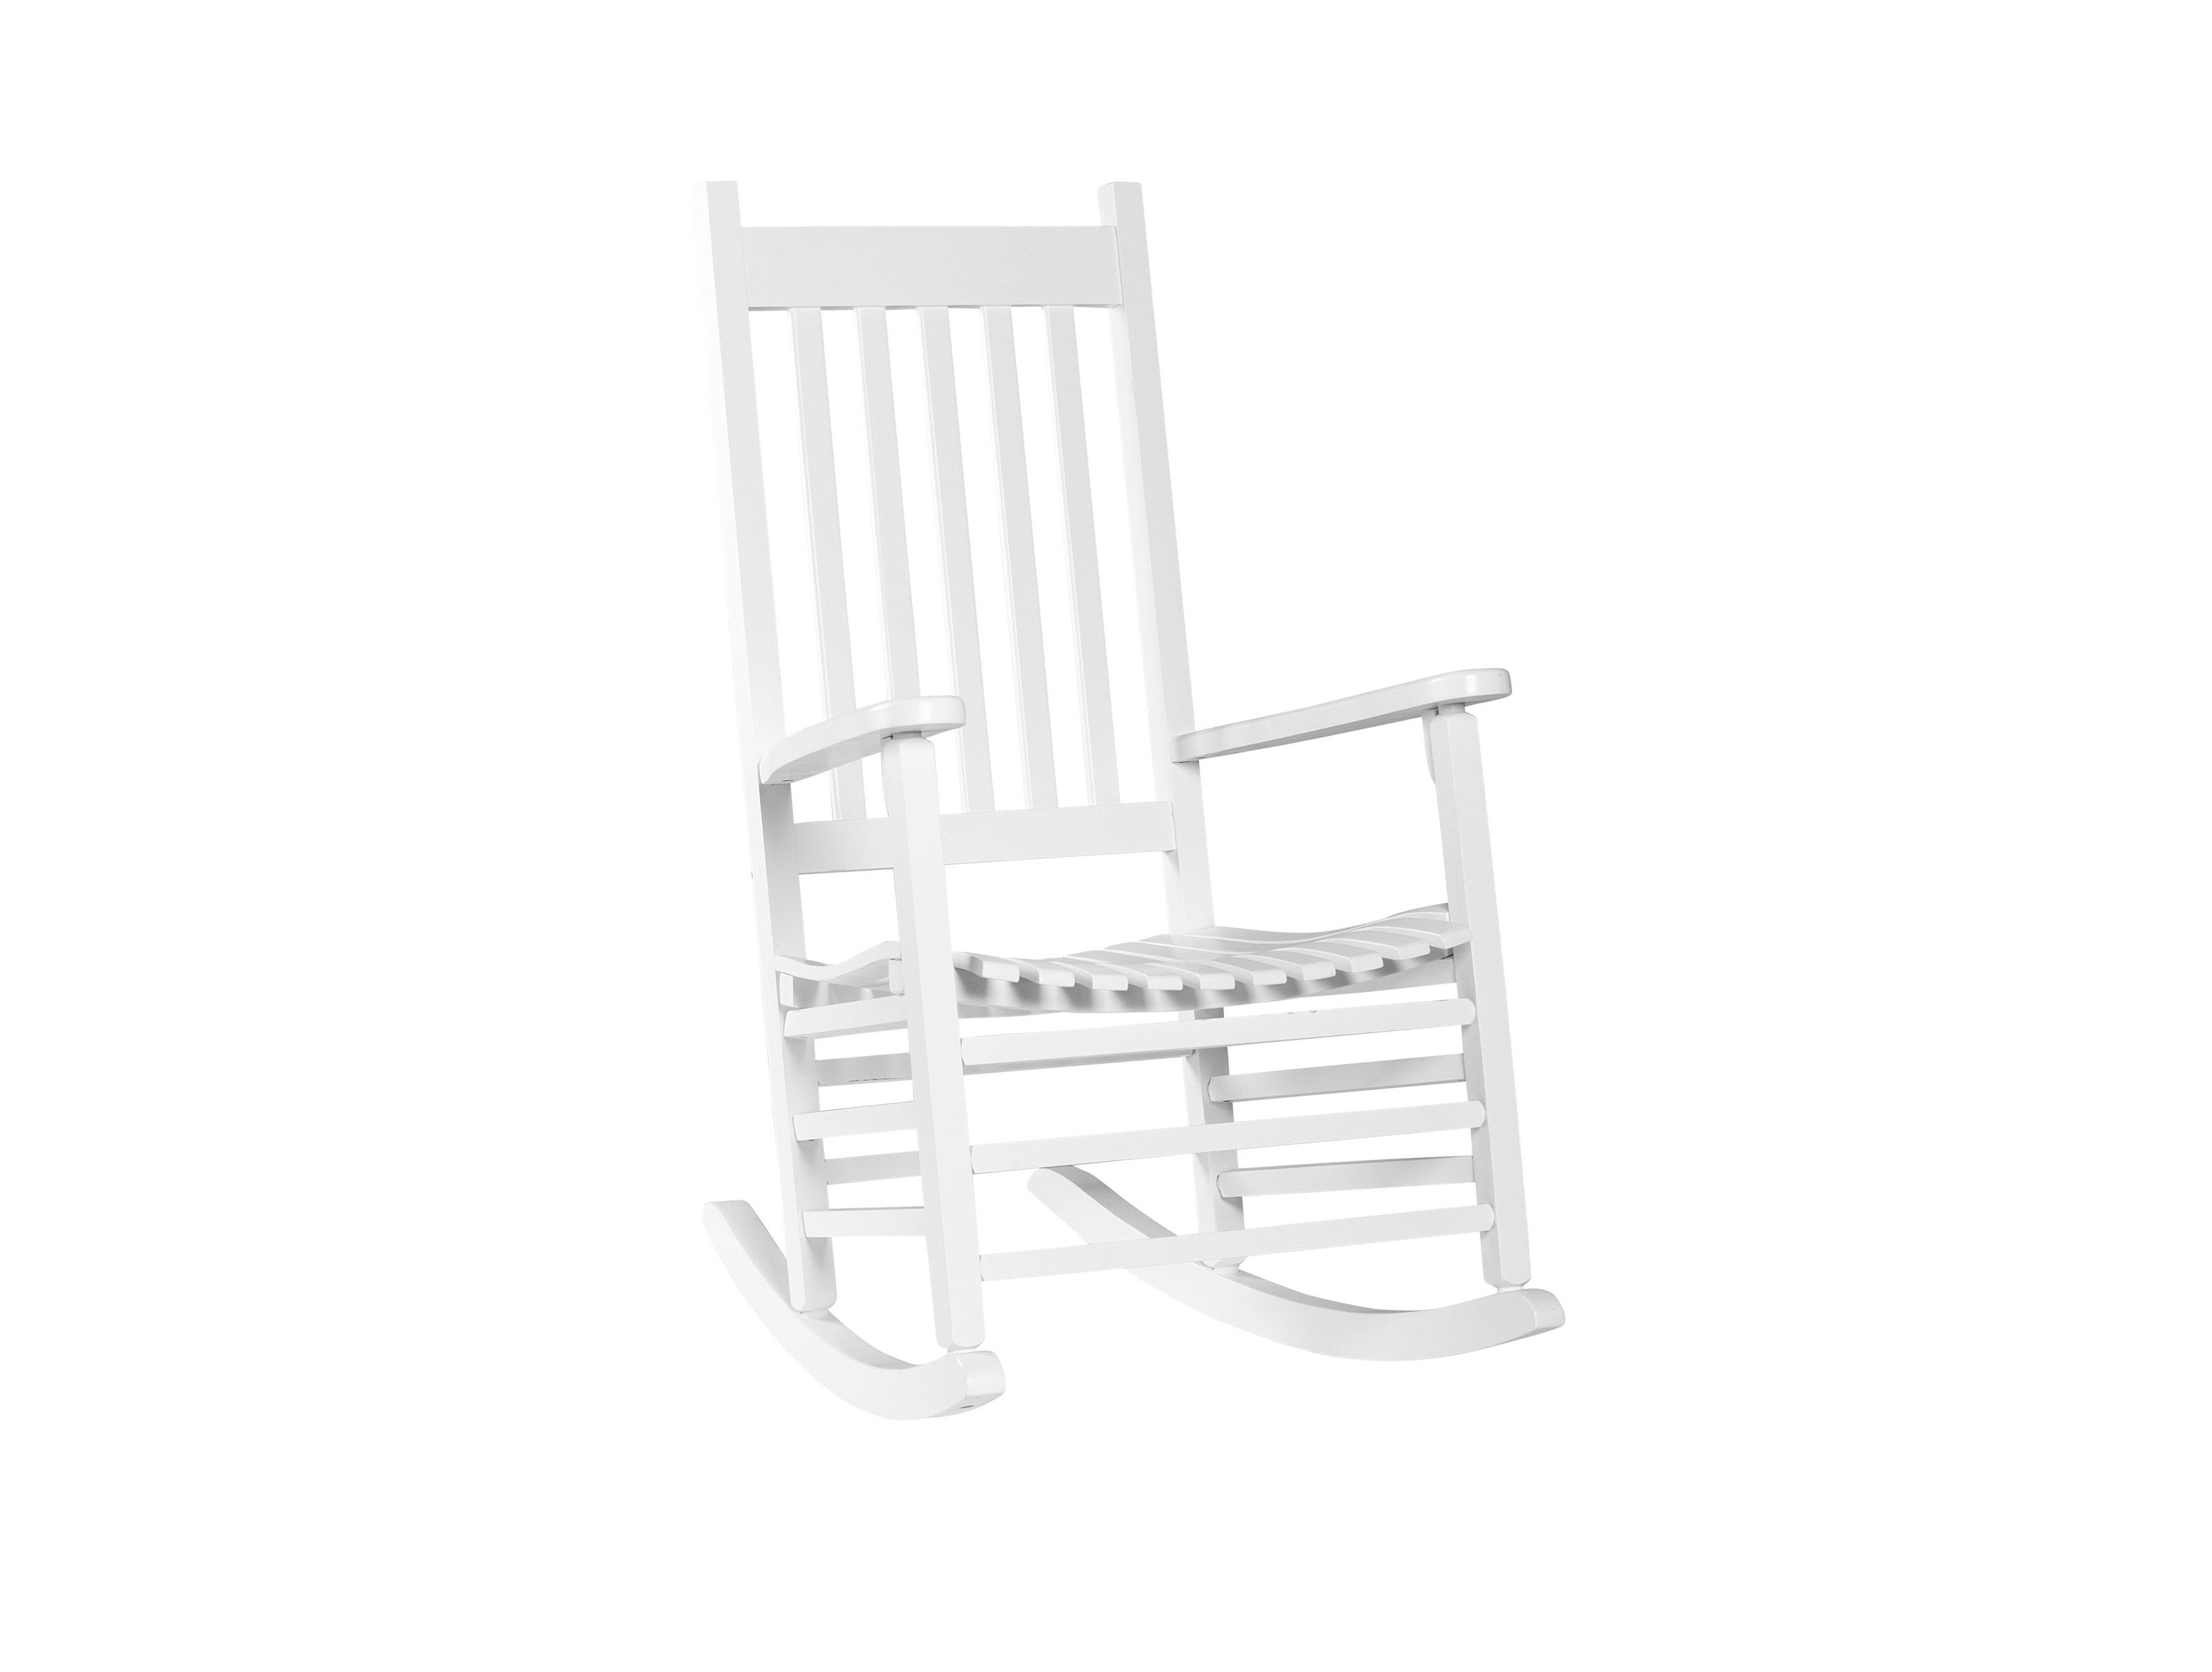 Кресло-качаалка DREAMКресла-качалки<br><br><br>Material: Дерево<br>Width см: 82<br>Depth см: 65<br>Height см: 111